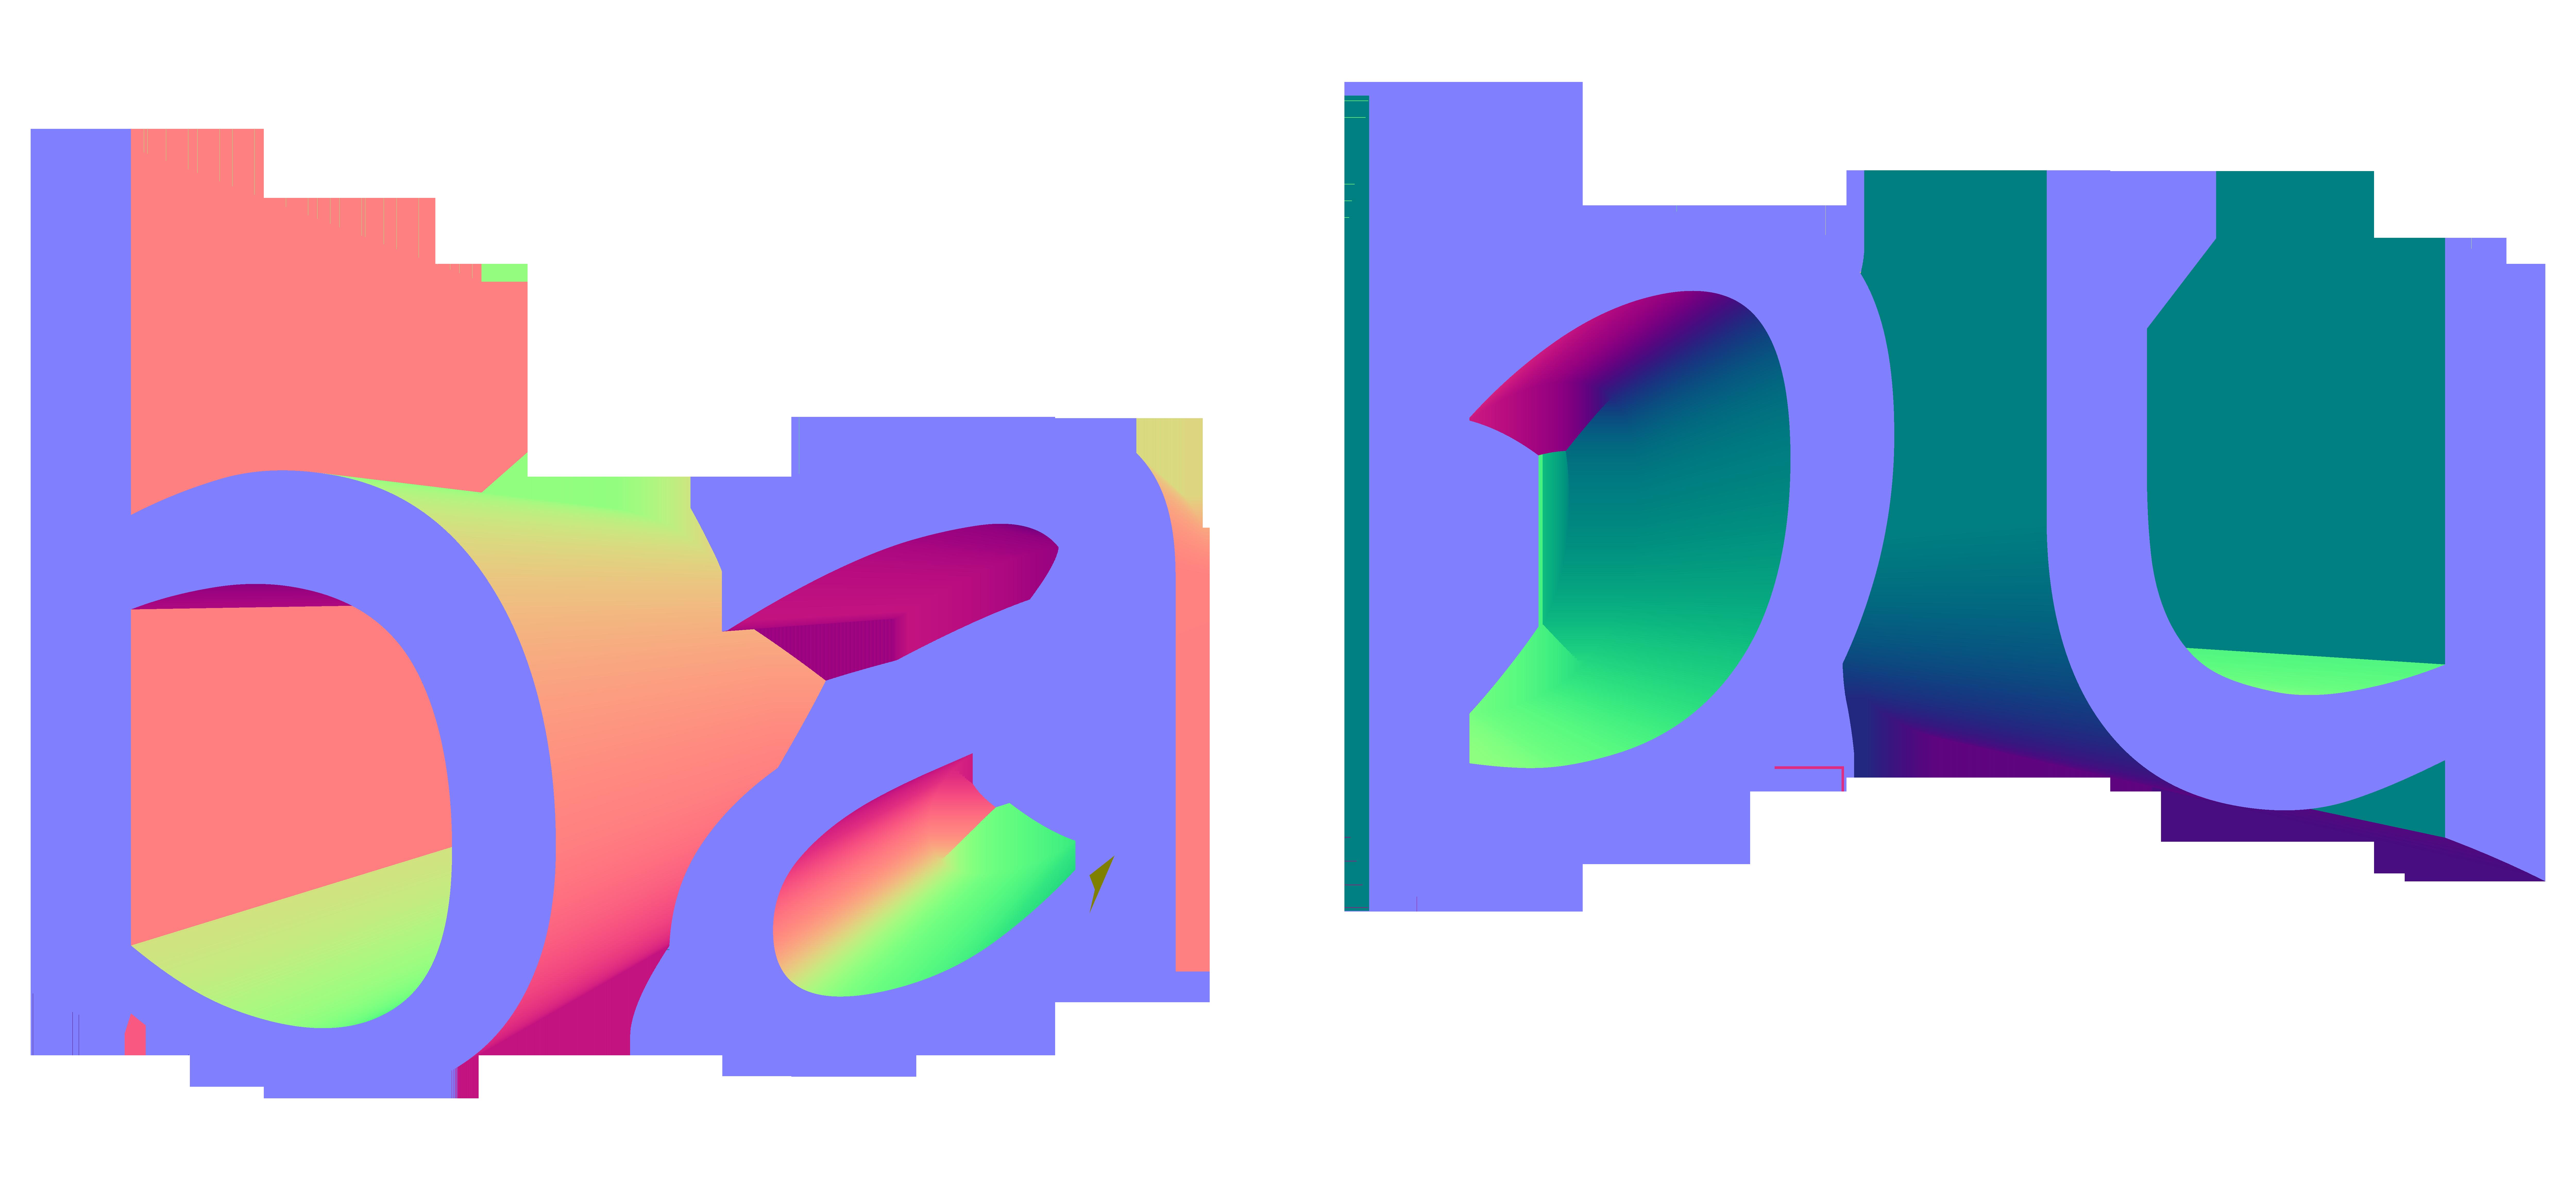 babu logo vaporwave png